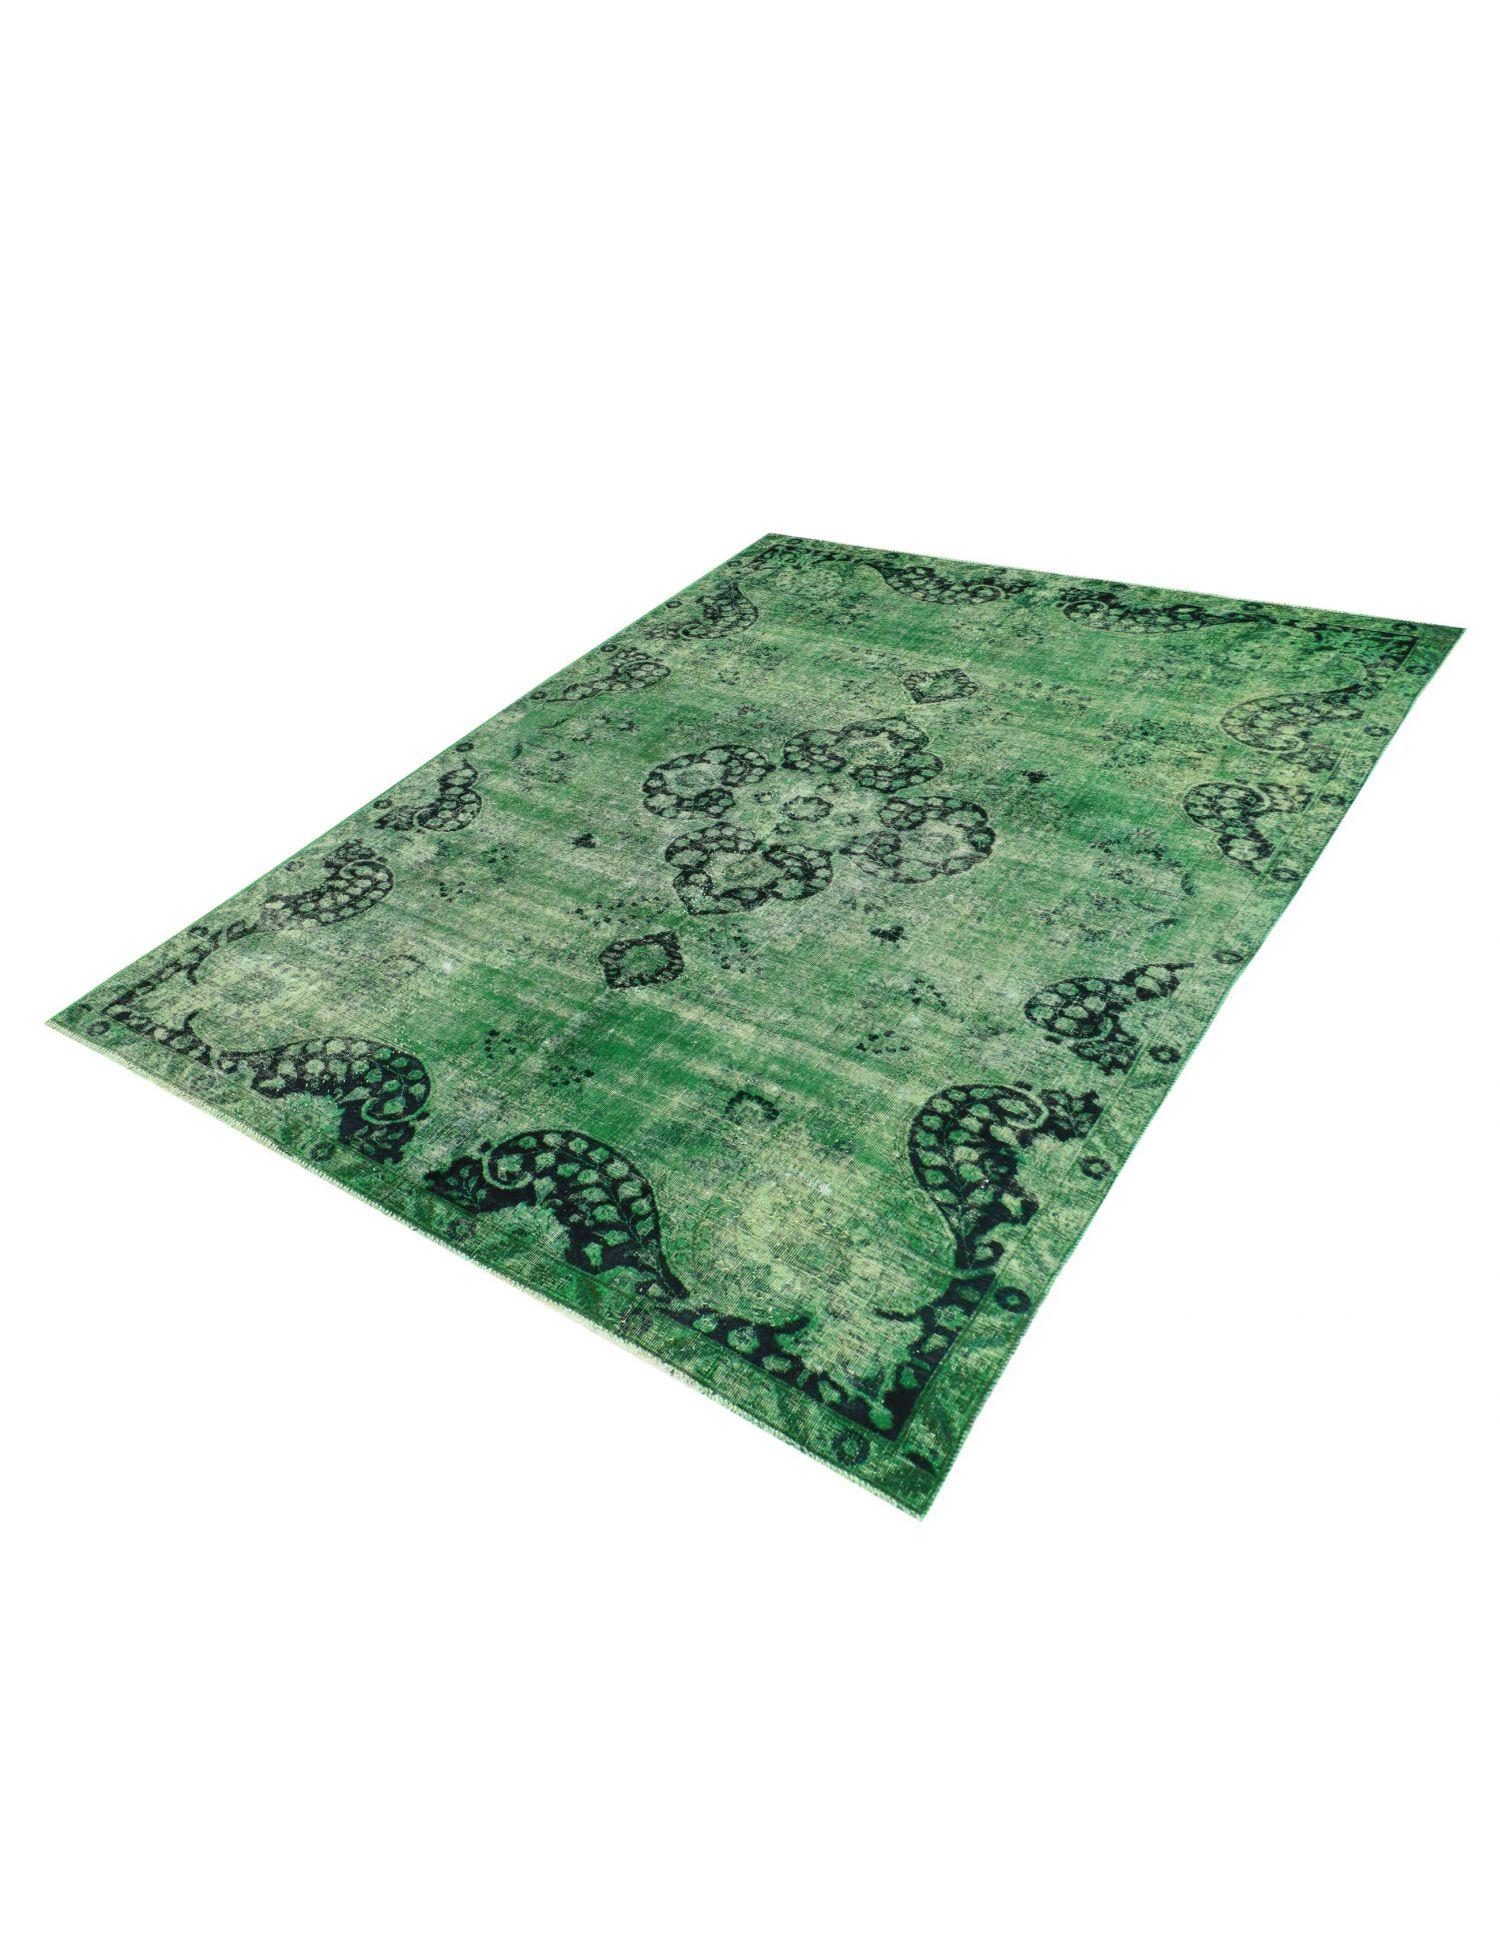 Persisk Vintagetæppe  grøn <br/>295 x 192 cm